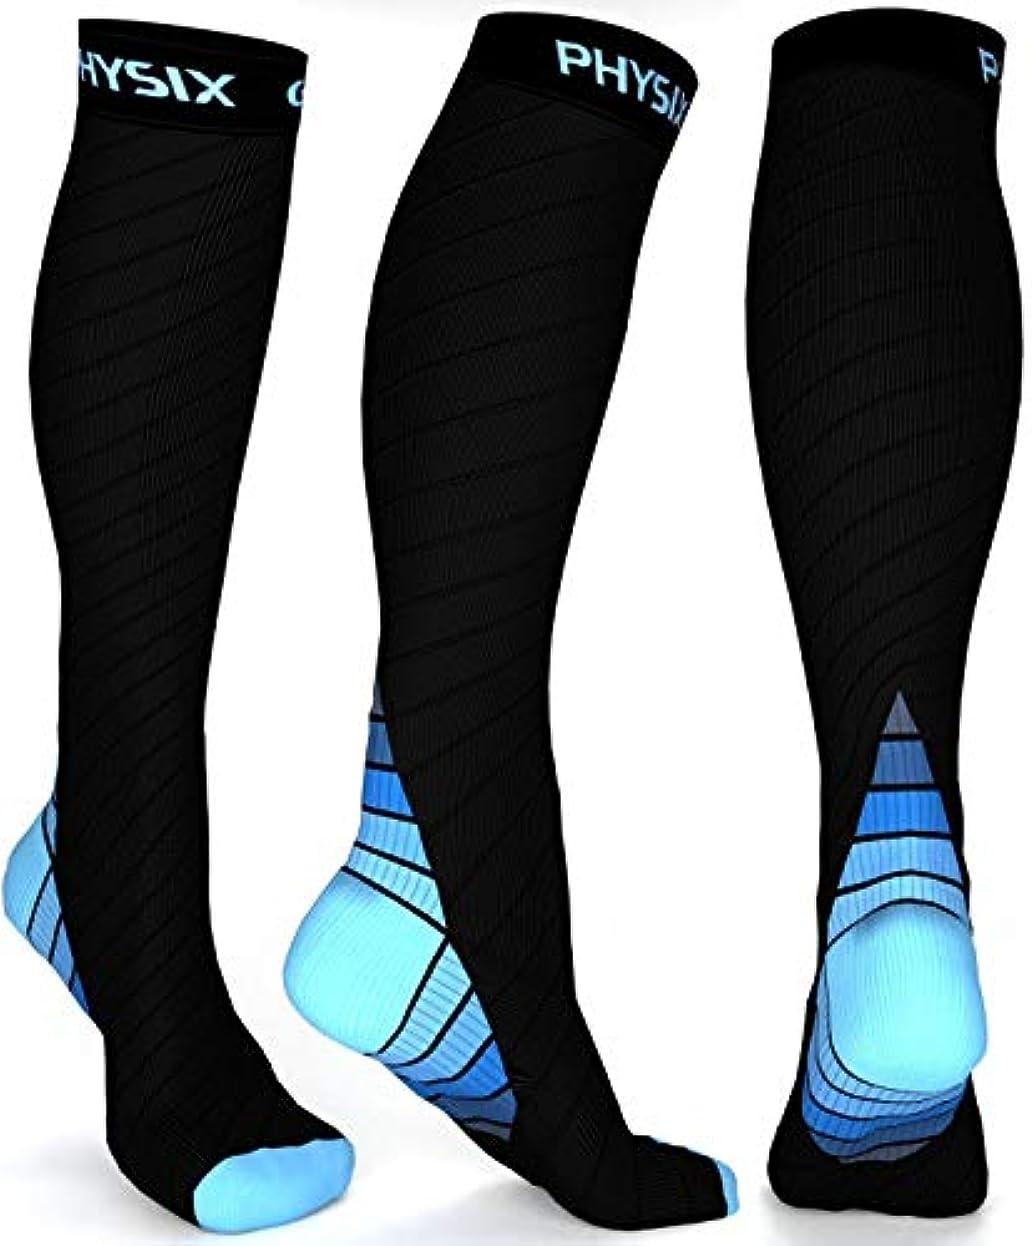 不規則性スリップ体系的にPhysix Gearコンプレッションソックス男性用/女性用(20?30 mmHg)最高の段階的なフィット ランニング、看護、過労性脛部痛、フライトトラベル&マタニティ妊娠 – スタミナ、循環&回復 (BLACK & BLUE...